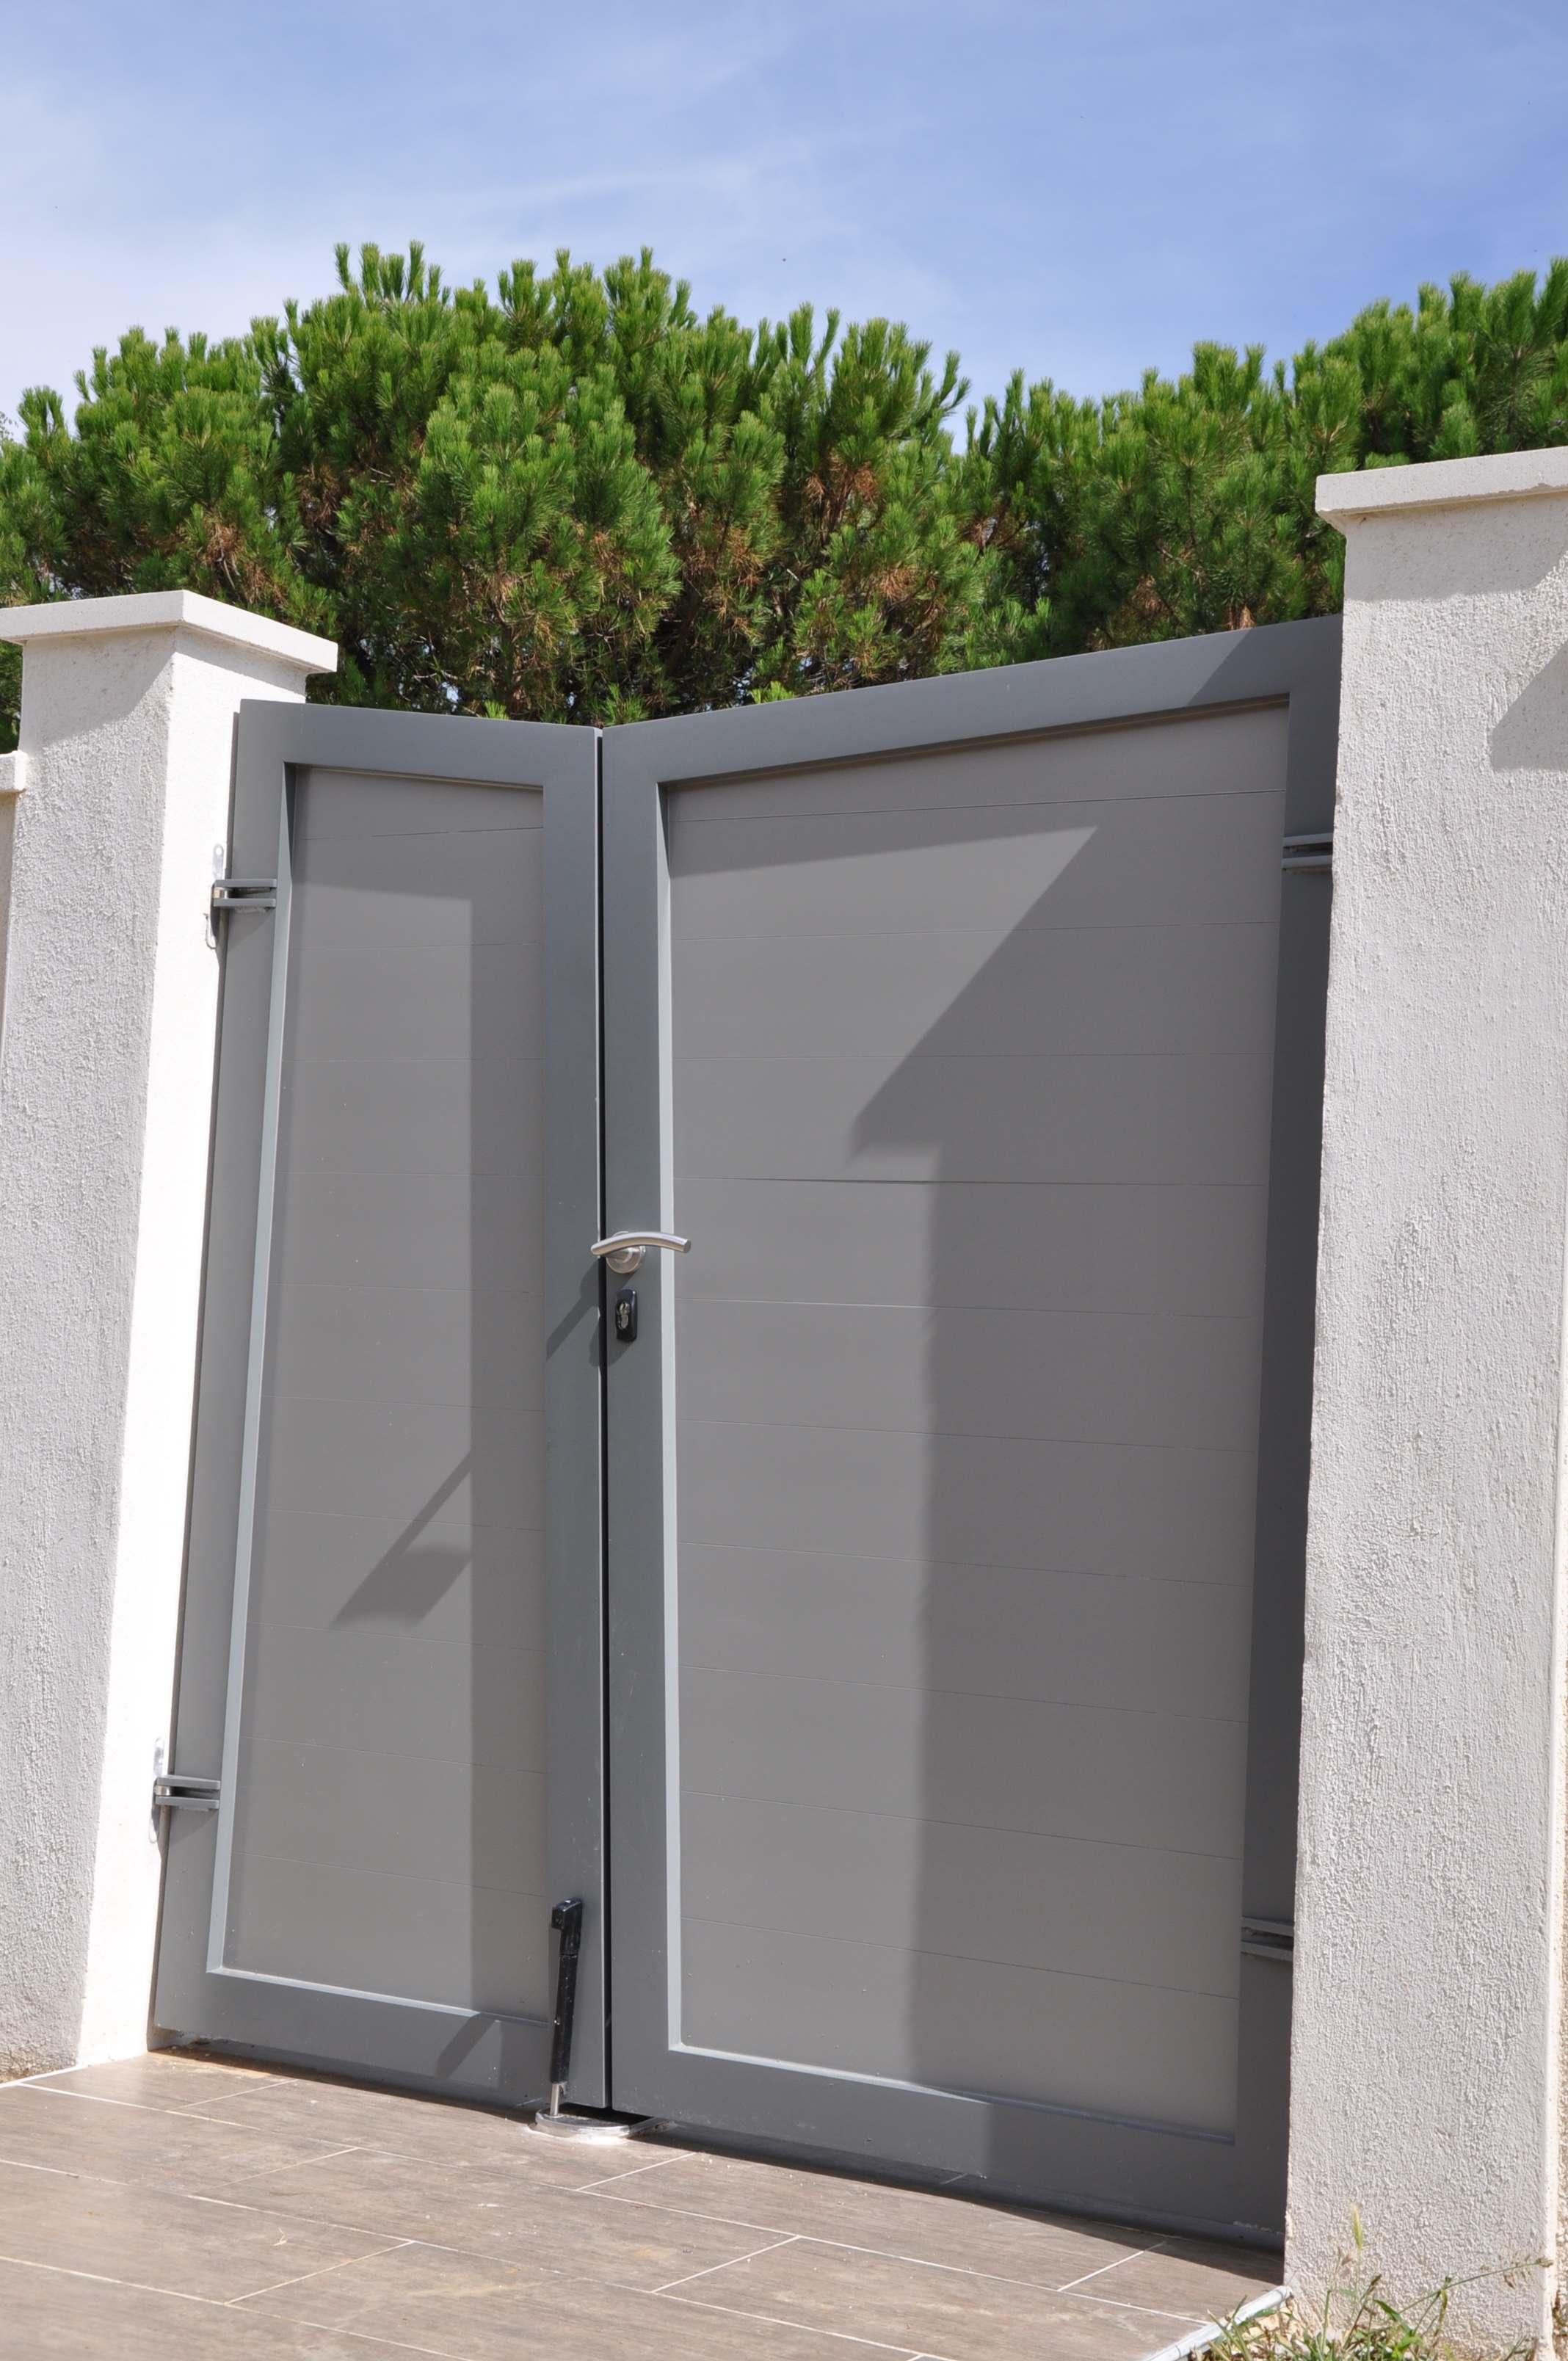 portail deux battants en aluminium suivant le mod le. Black Bedroom Furniture Sets. Home Design Ideas